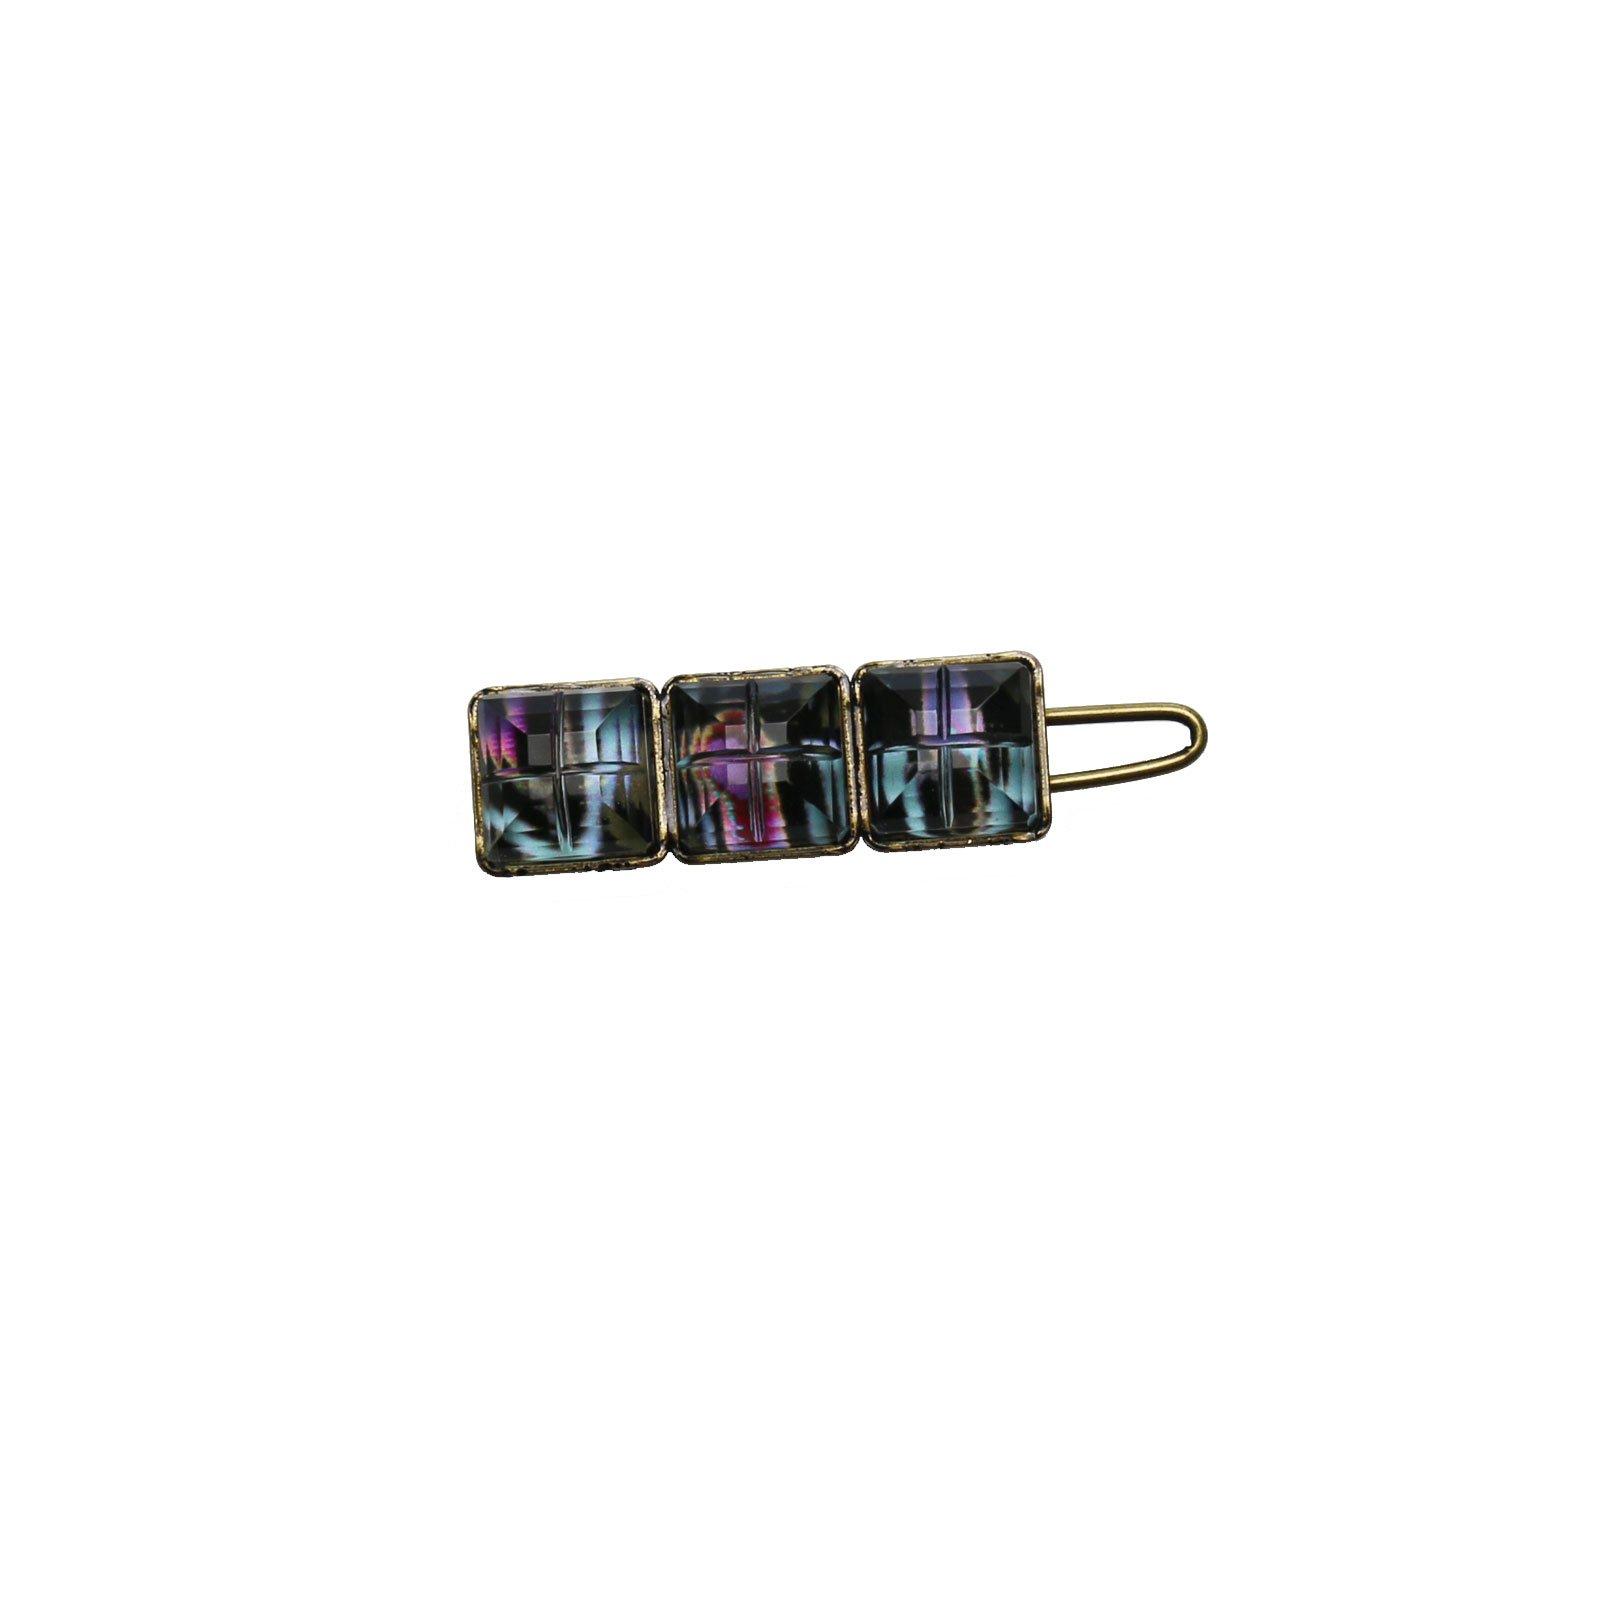 Tamarusan Hair Clip Black Hairpin Hair Ornament Handmade